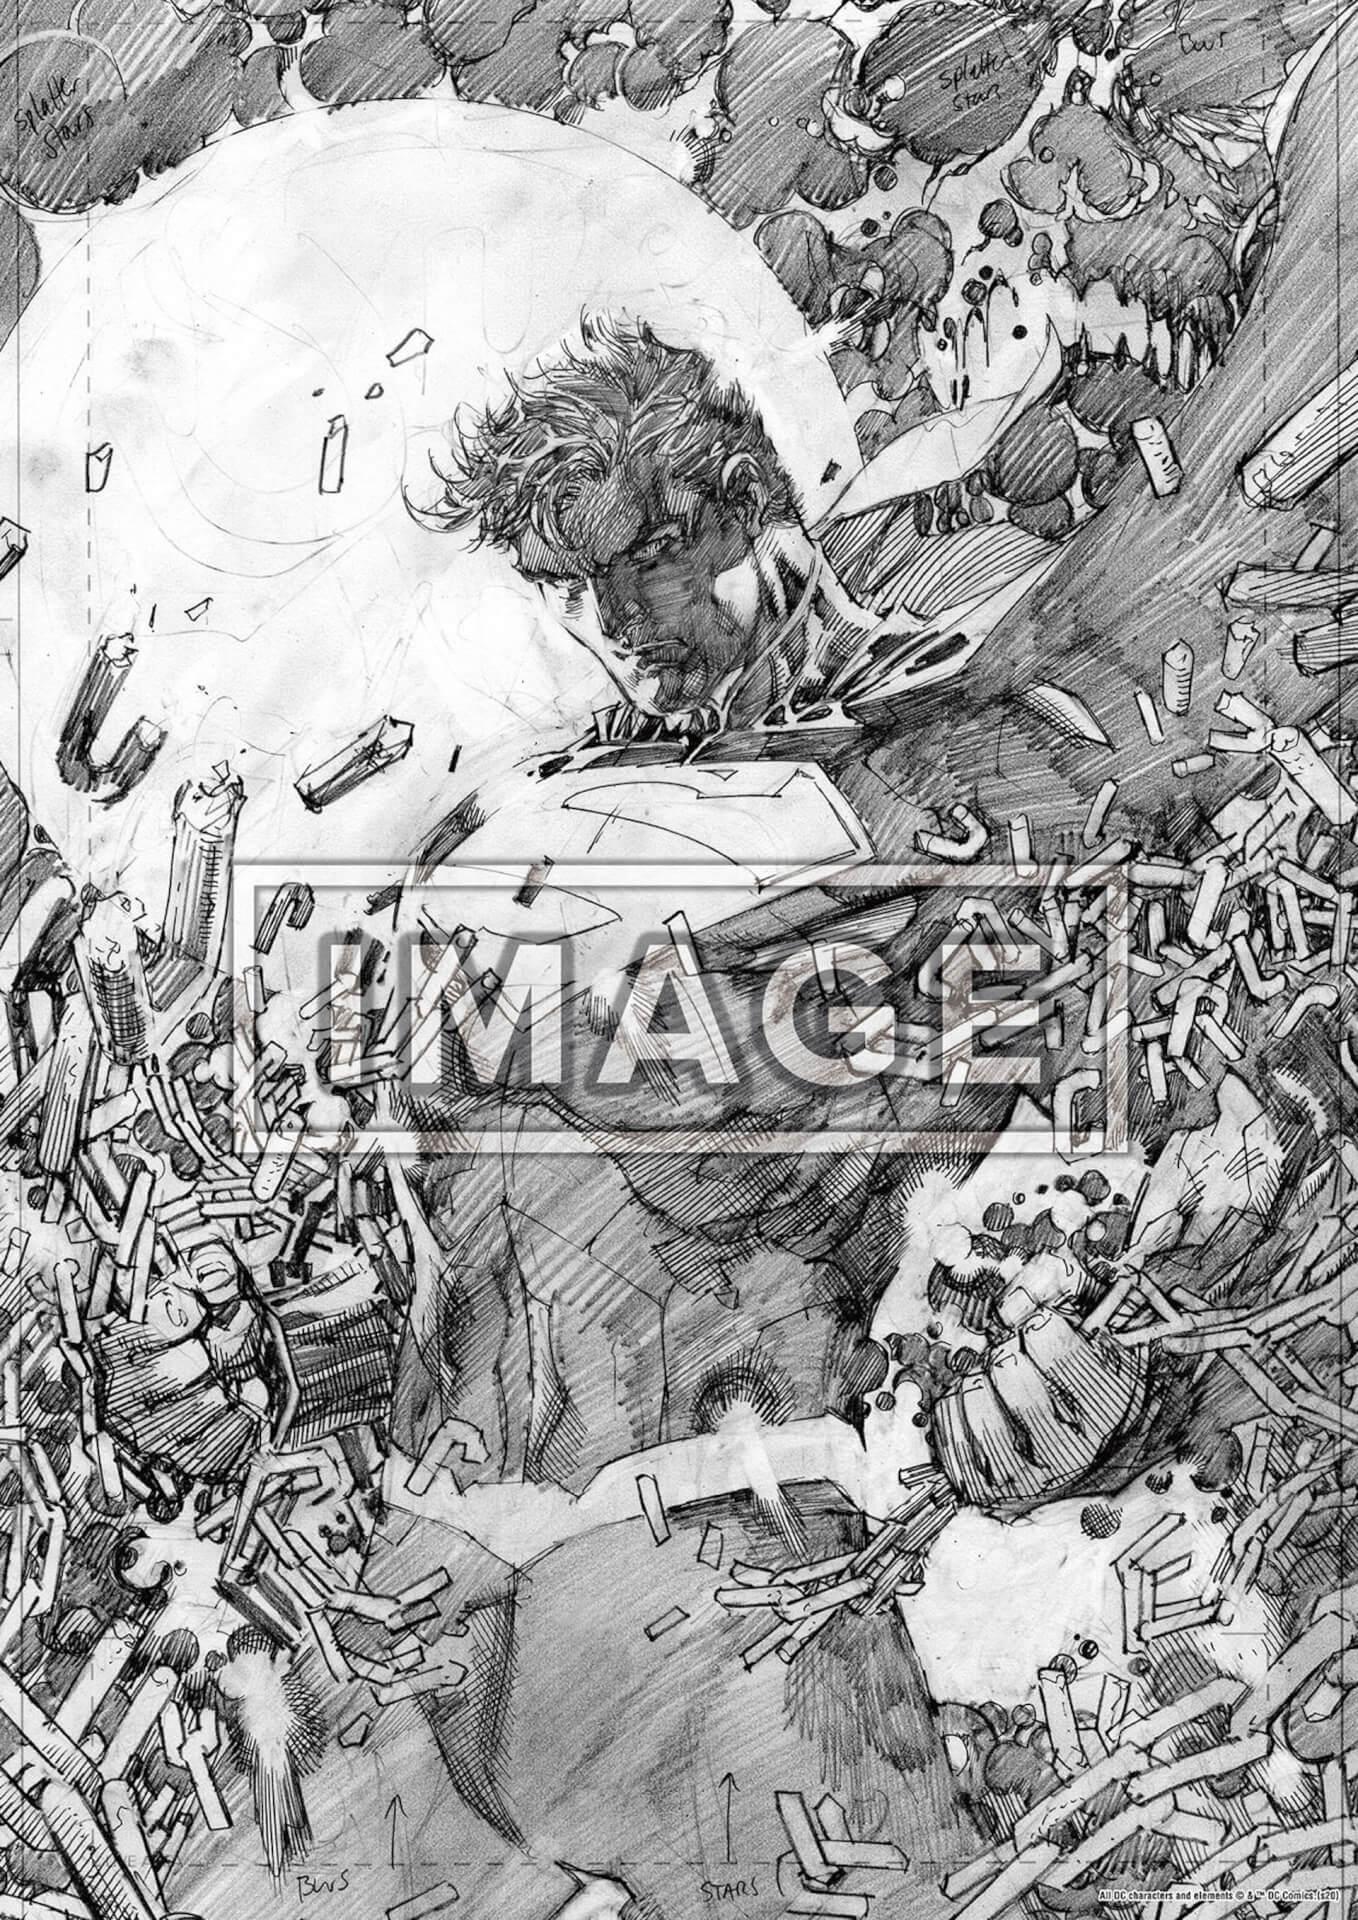 『ワンダーウーマン 1984』劇場公開記念!スーパーマン、バットマン、ジョーカーら人気DCキャラのBE@RBRICKや限定ポスターが当たるHappyくじが発売 art201216_dc_bearbrick_13